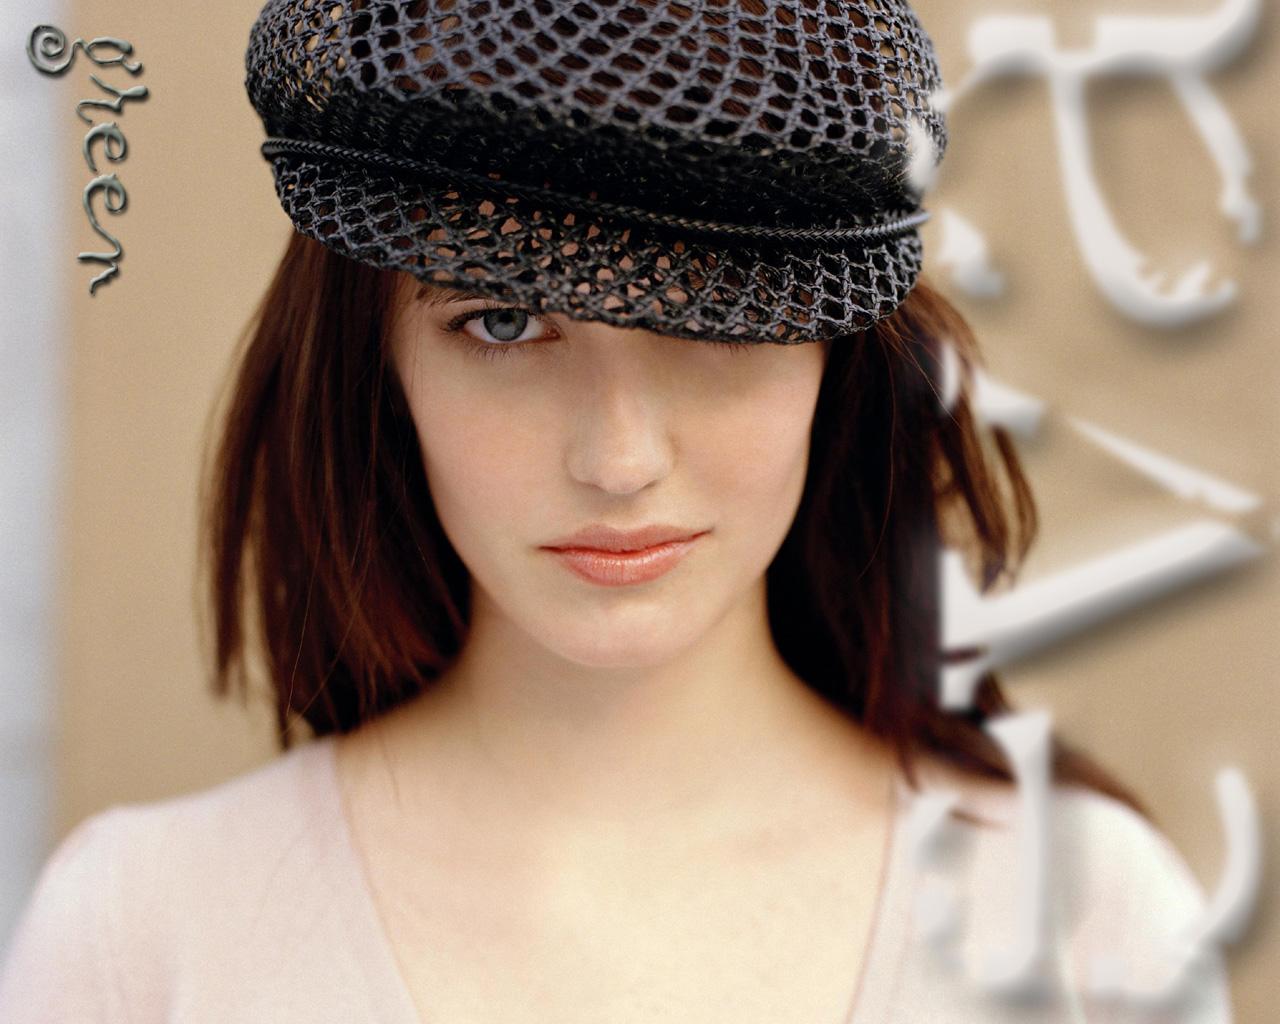 http://2.bp.blogspot.com/-wV9Hj7HwTrk/TwfwxPM9AzI/AAAAAAAAE4M/vlXZSlP8uBg/s1600/Eva_Green_Hot-.jpg